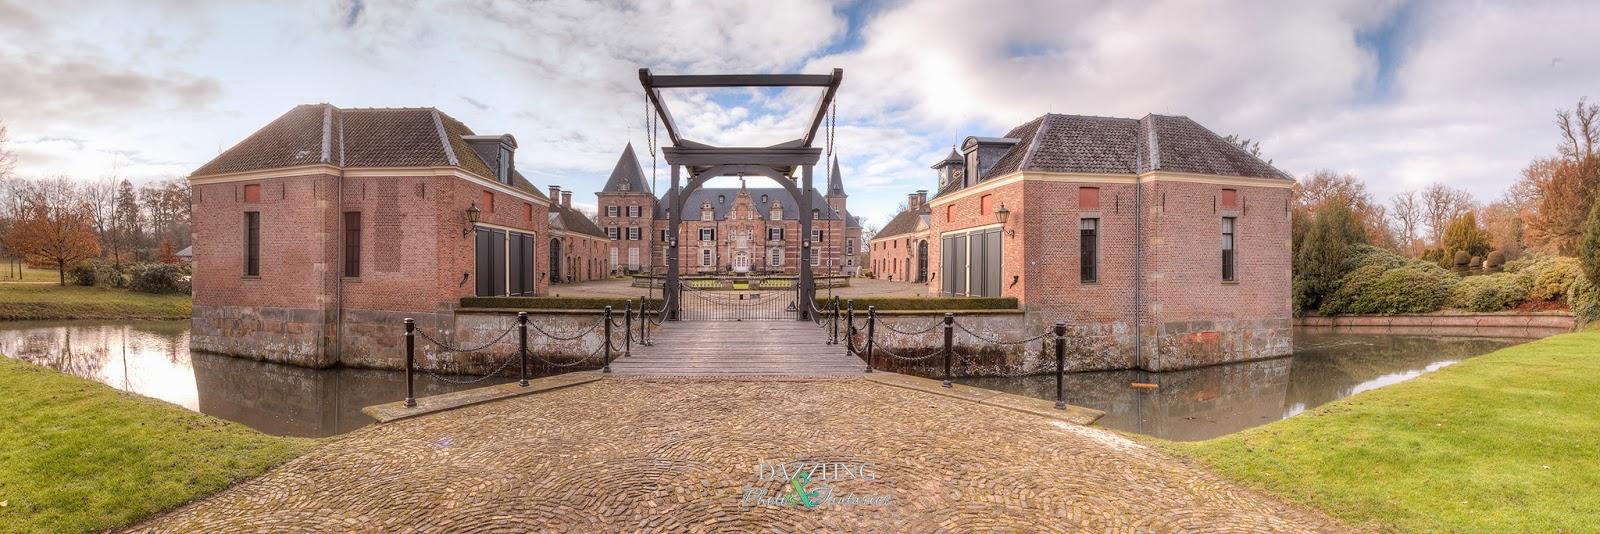 kasteel Twickel in Delden